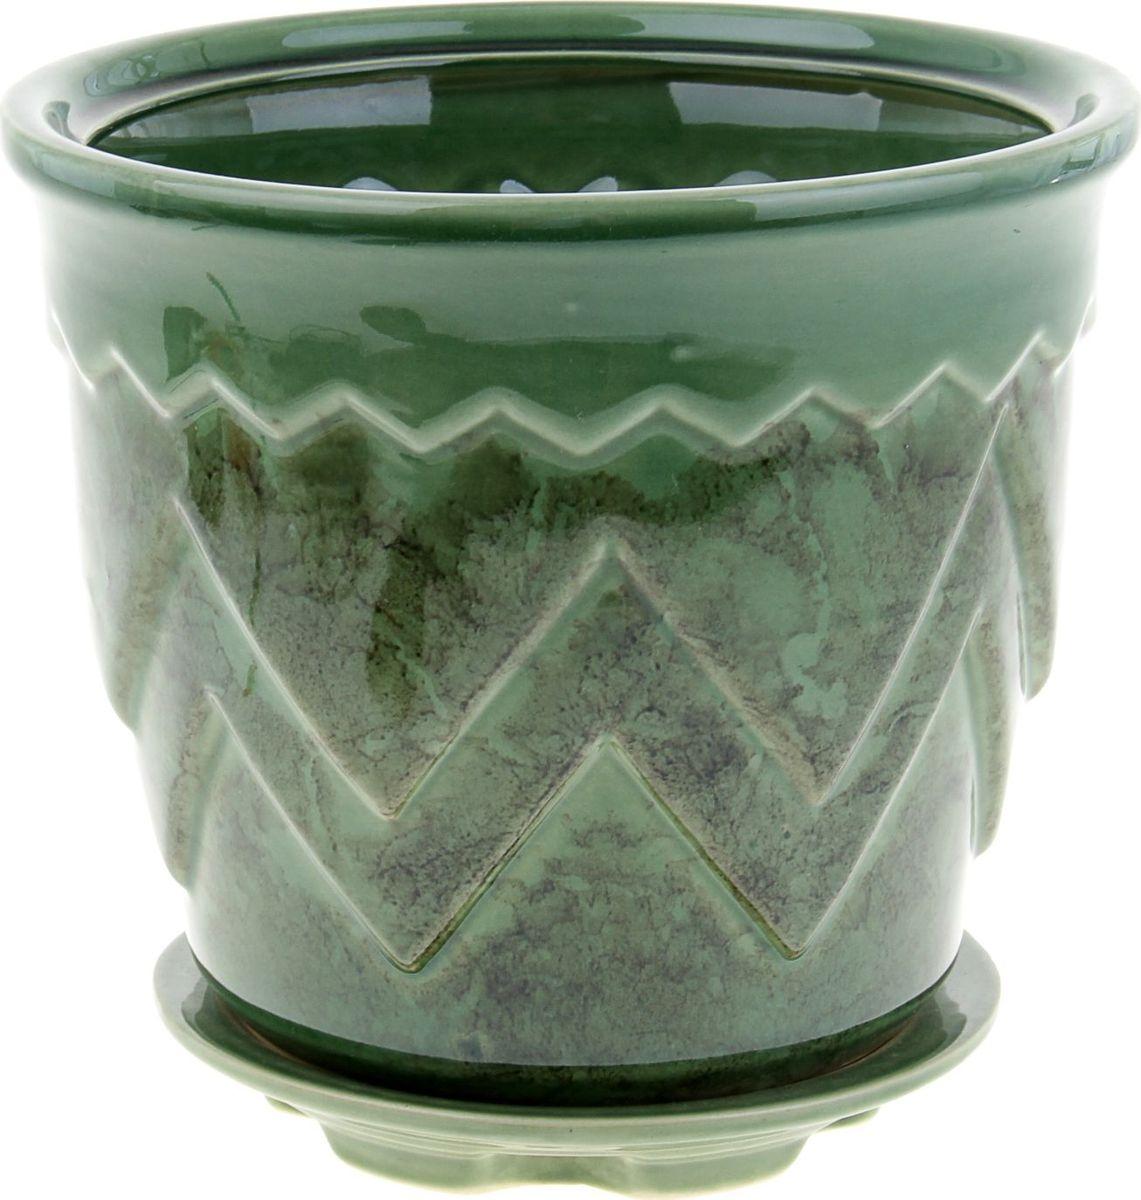 Кашпо Арго, цвет: зеленый, 2,8 л840511Комнатные растения — всеобщие любимцы. Они радуют глаз, насыщают помещение кислородом и украшают пространство. Каждому из них необходим свой удобный и красивый дом. Кашпо из керамики прекрасно подходят для высадки растений: за счёт пластичности глины и разных способов обработки существует великое множество форм и дизайновпористый материал позволяет испаряться лишней влагевоздух, необходимый для дыхания корней, проникает сквозь керамические стенки! #name# позаботится о зелёном питомце, освежит интерьер и подчеркнёт его стиль.